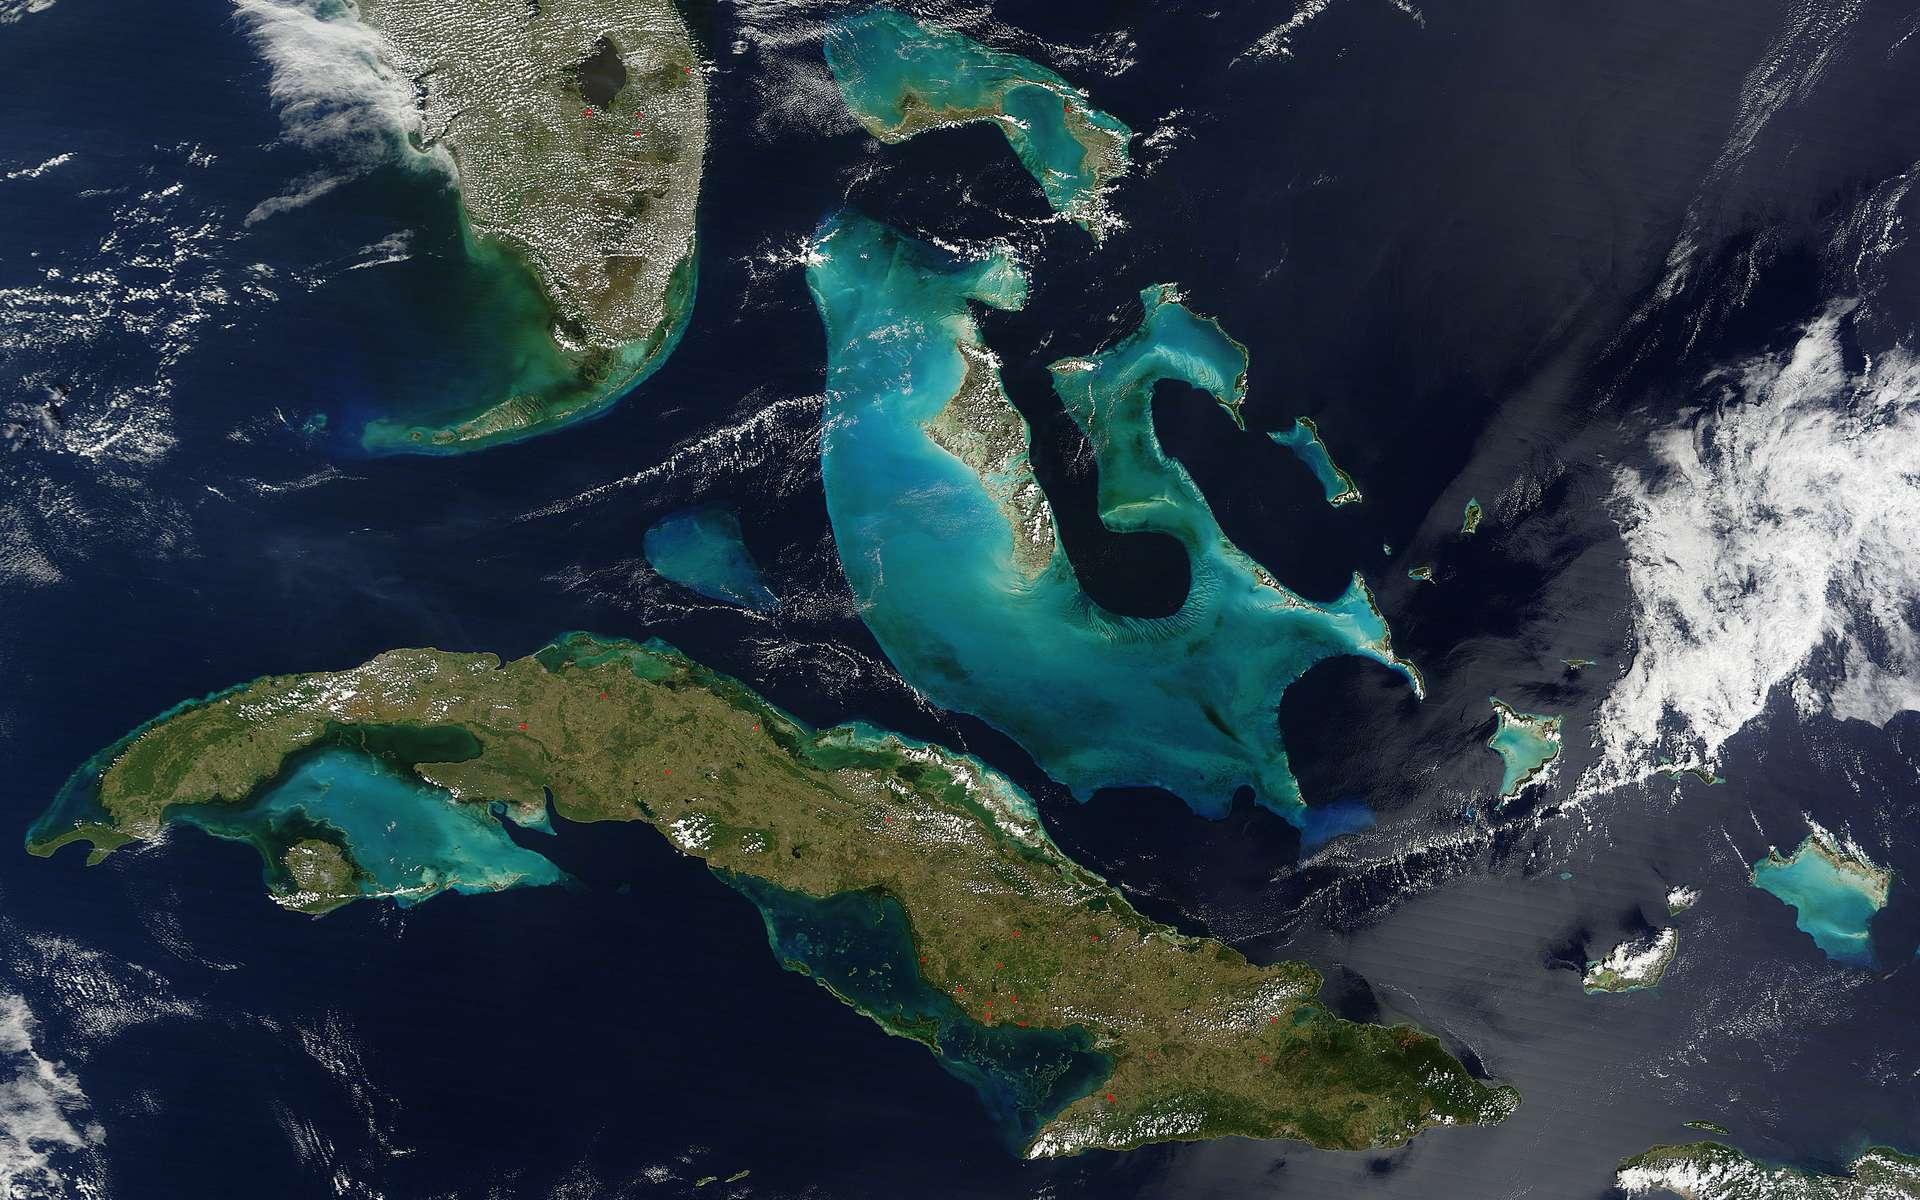 Cette image des Bahamas a été obtenue grâce à l'instrument Modis à bord du satellite Terra permettant d'étudier l'évolution de la couverture végétale de la Terre. © Nasa